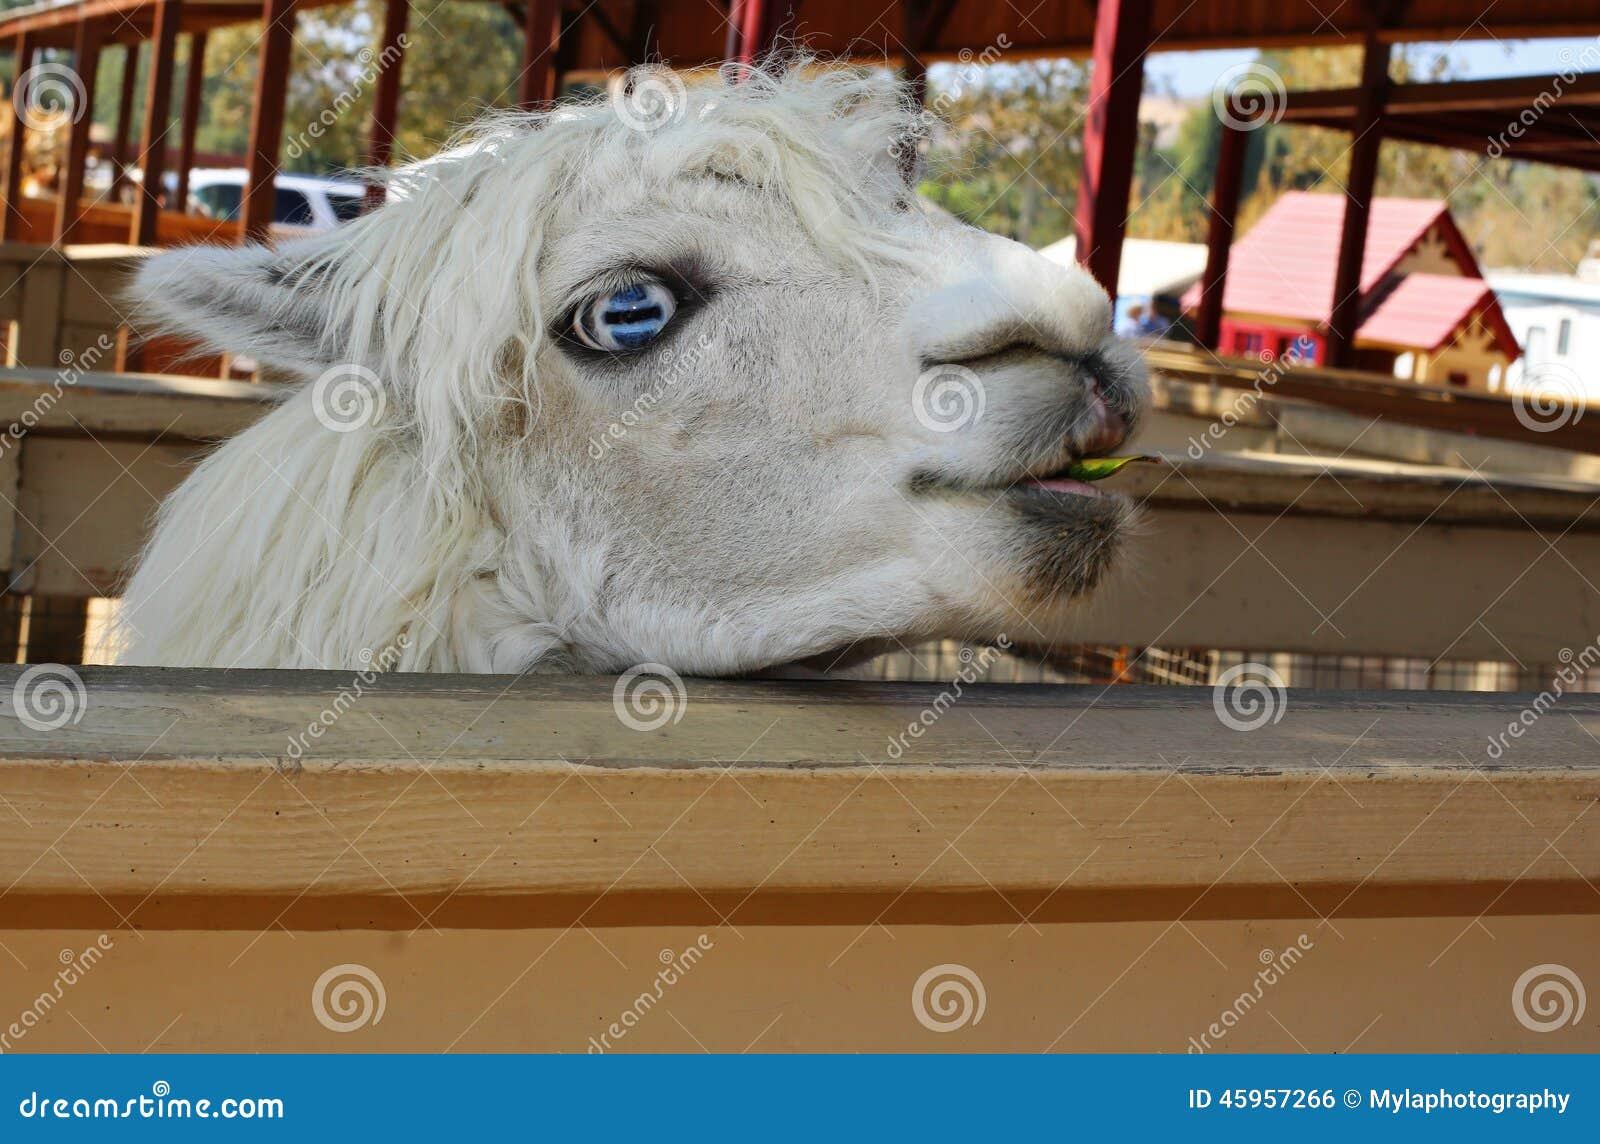 Blue eyed llama